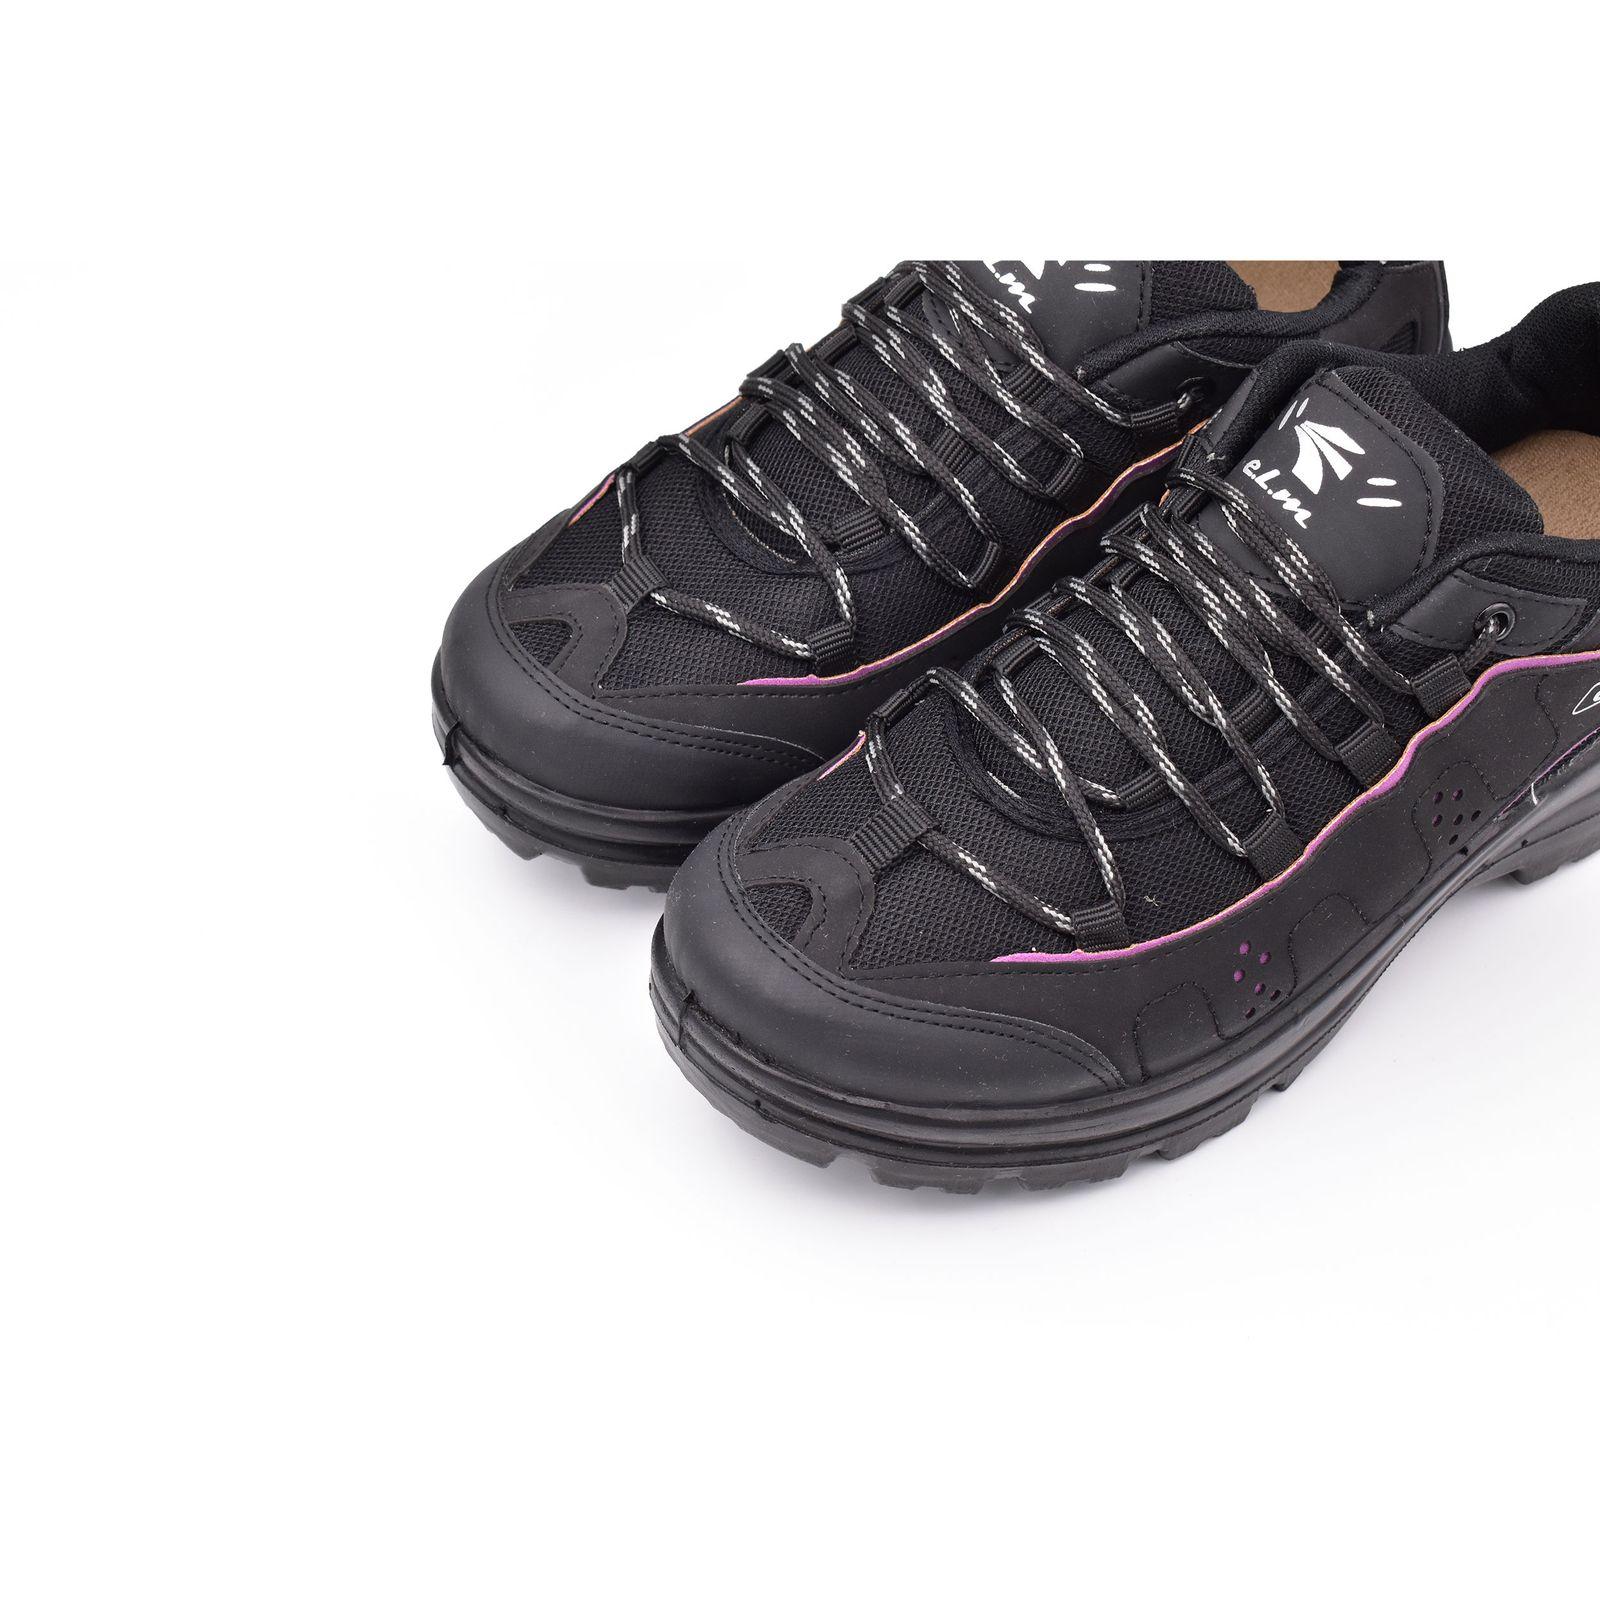 کفش پیاده روی زنانه ای ال ام مدل هیوا کد 7726 -  - 4